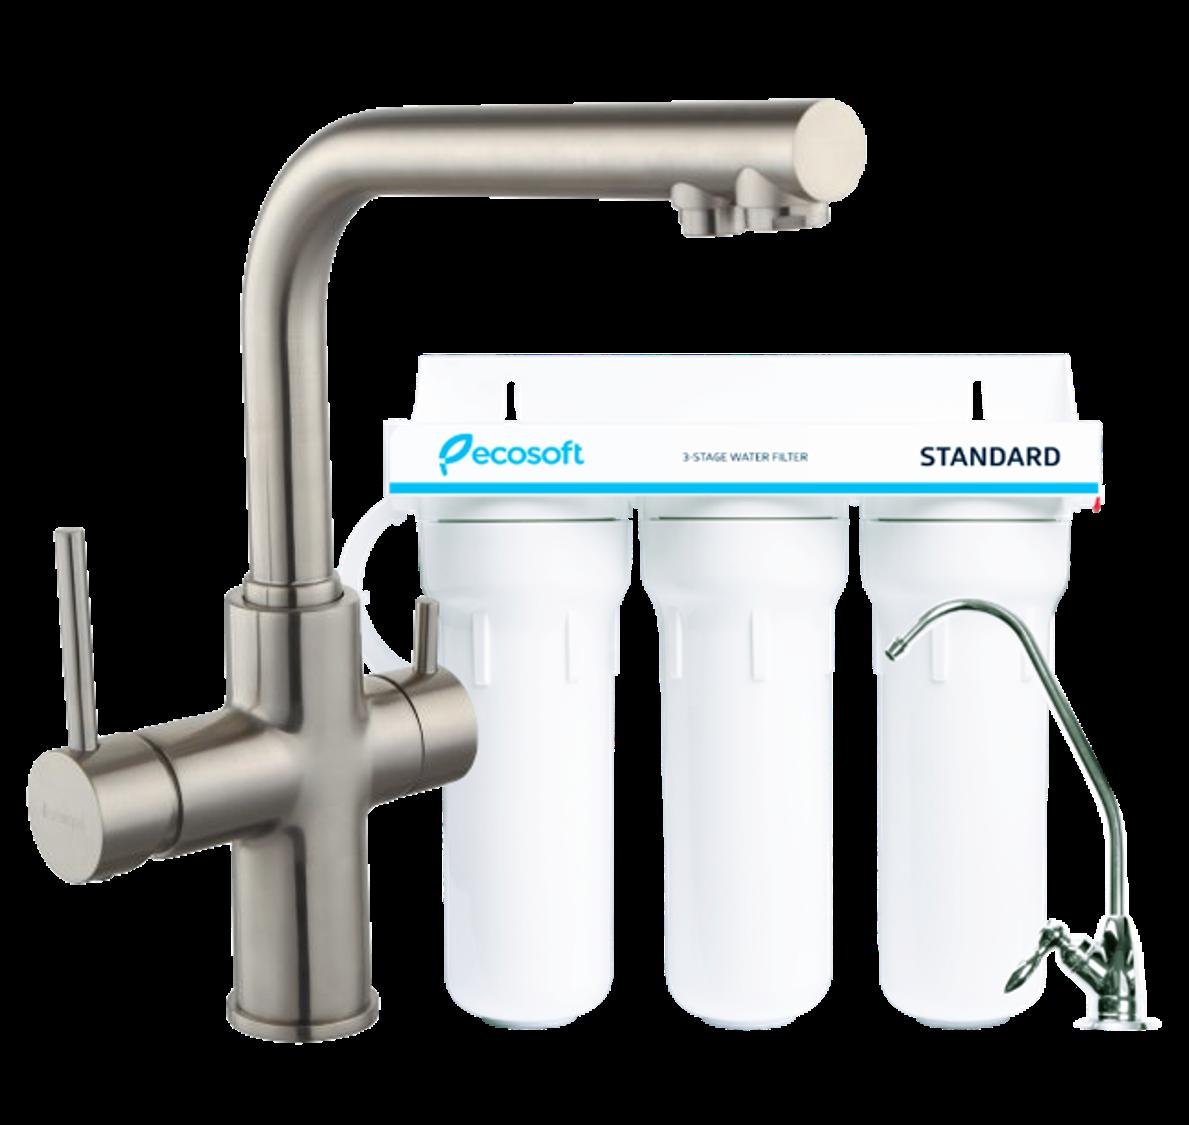 Комплект: DAICY змішувач для кухні сатин, Ecosoft Standart система очищення води (3х ступінчаста)